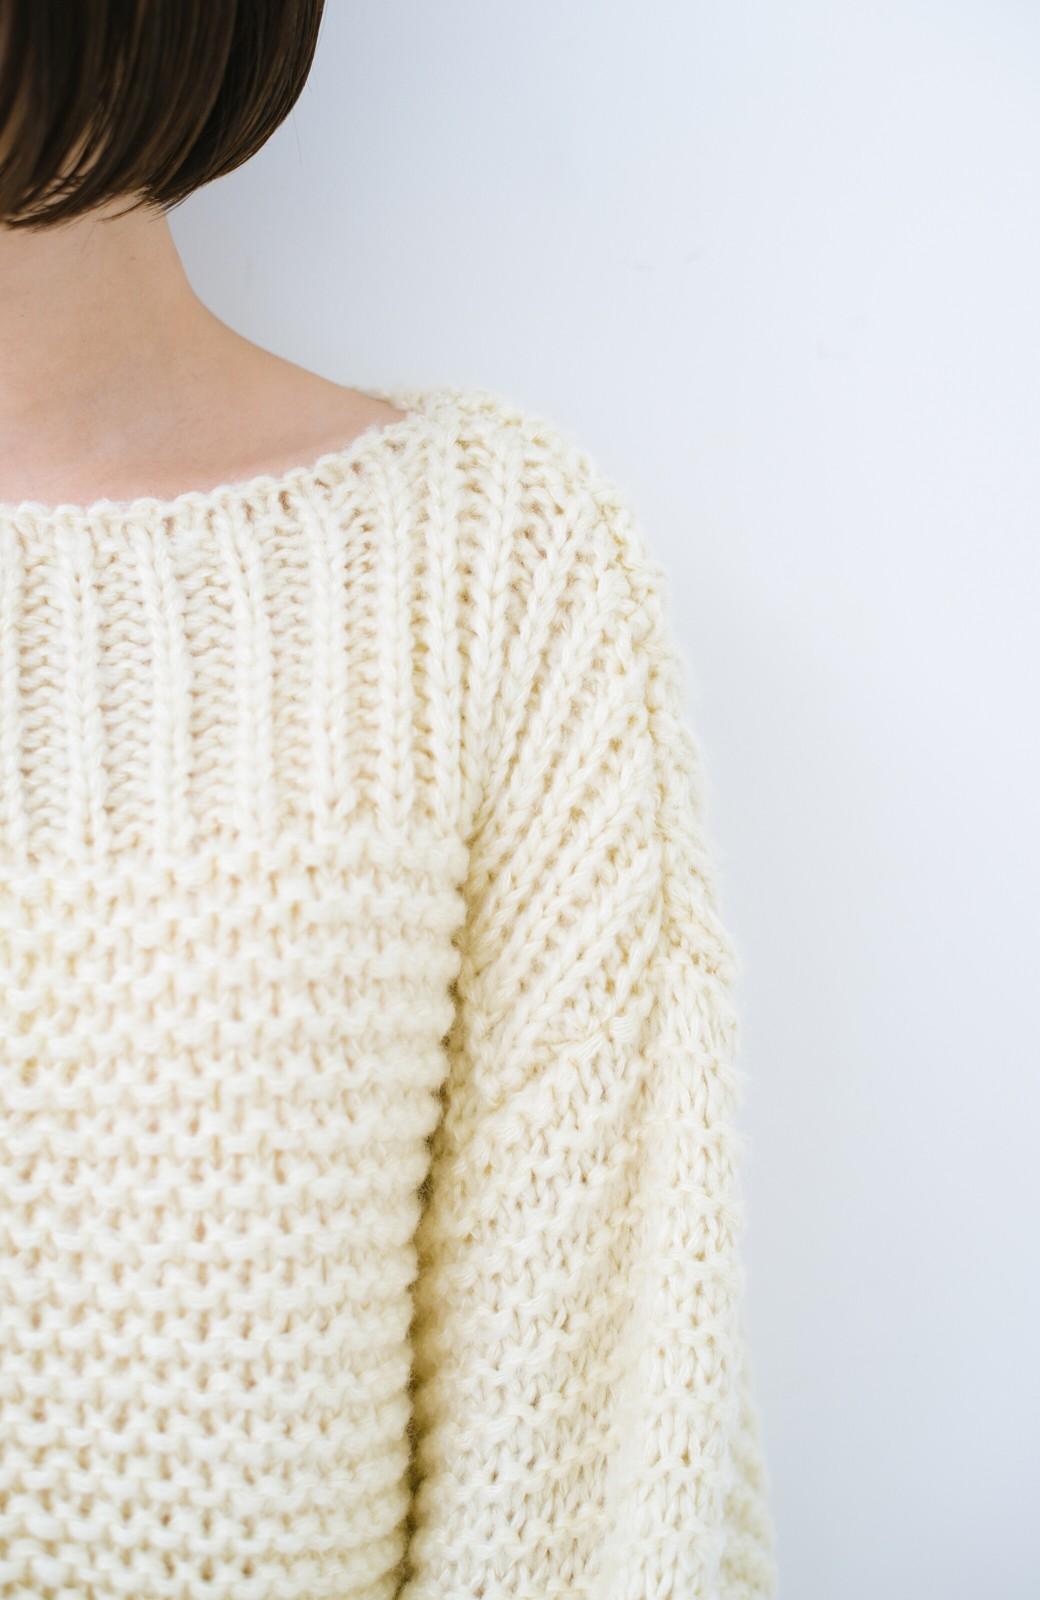 haco! 手編み風ガーター編みがかわいい ざっくり女っぽニット <アイボリー>の商品写真4